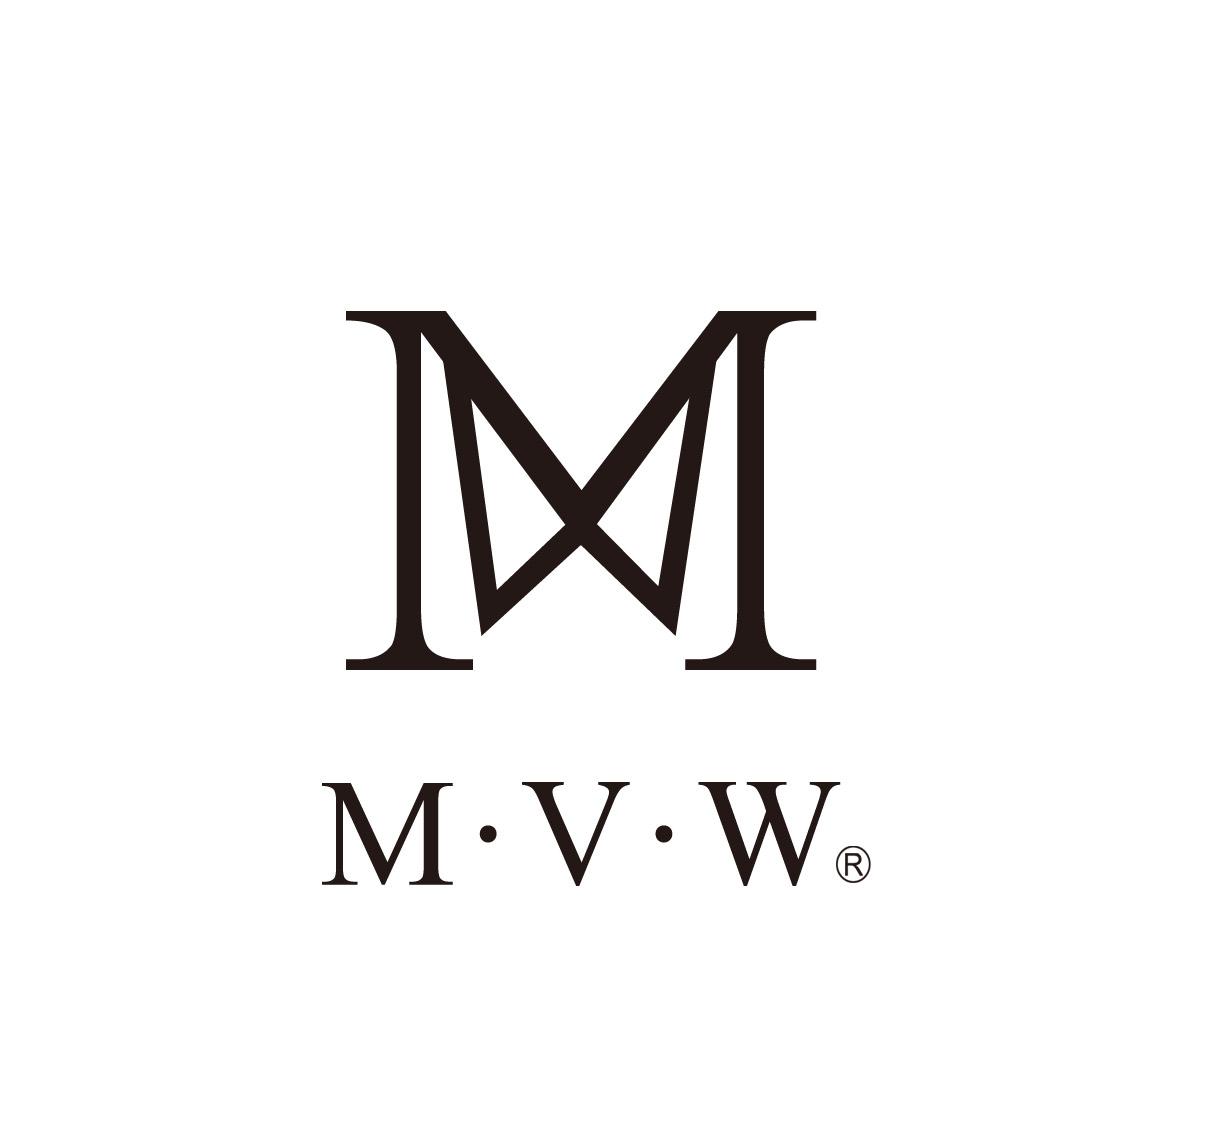 手绘女装logo设计素材